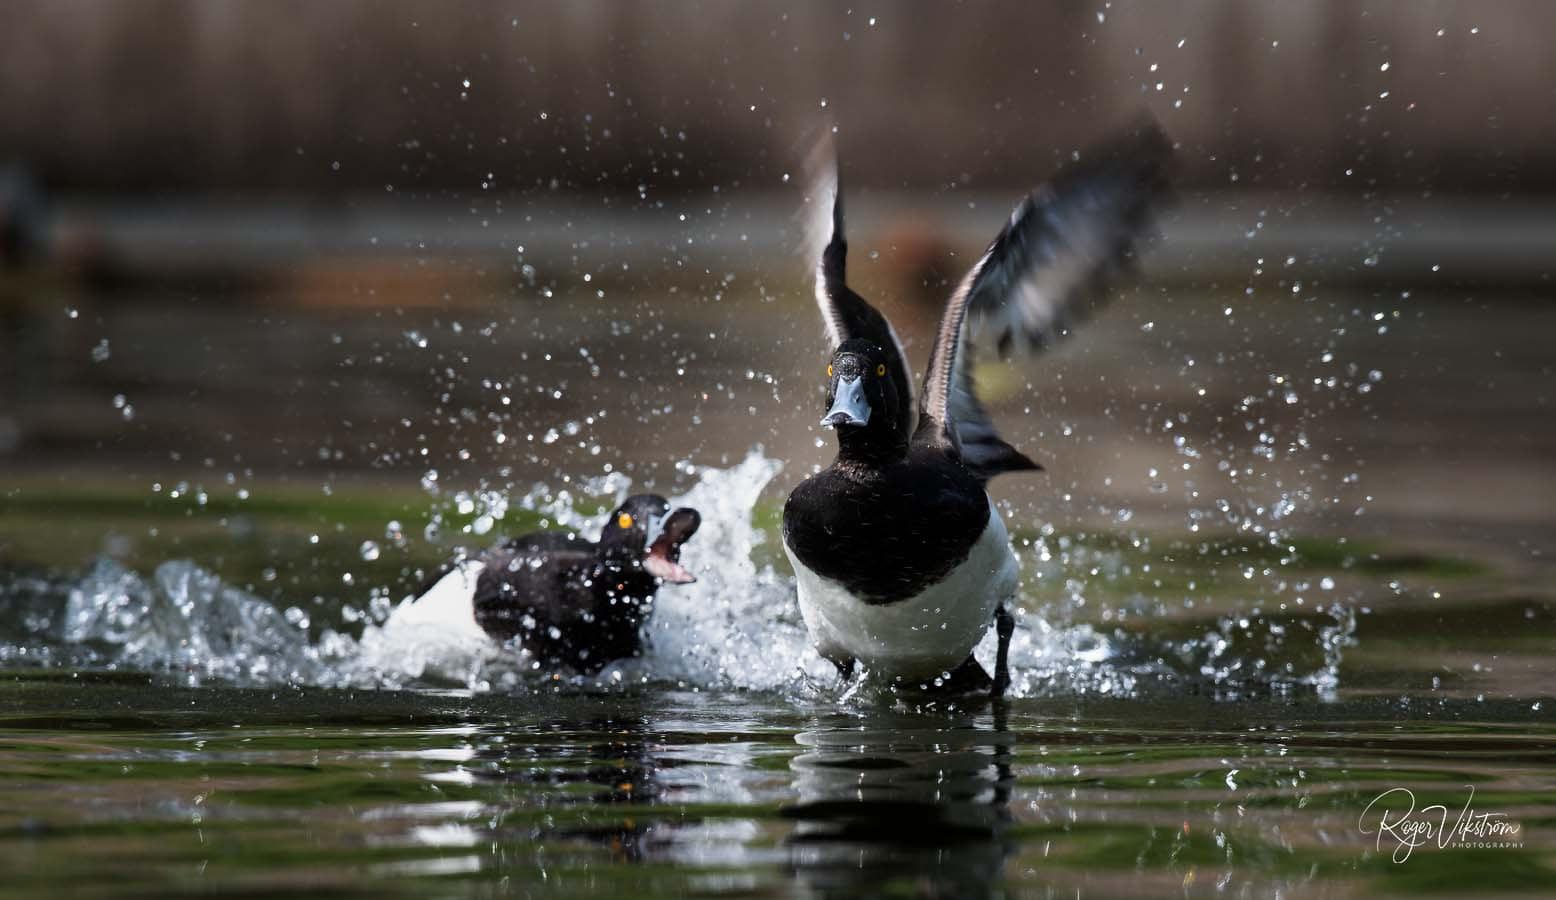 Med naturen i fokus,sjöfågel